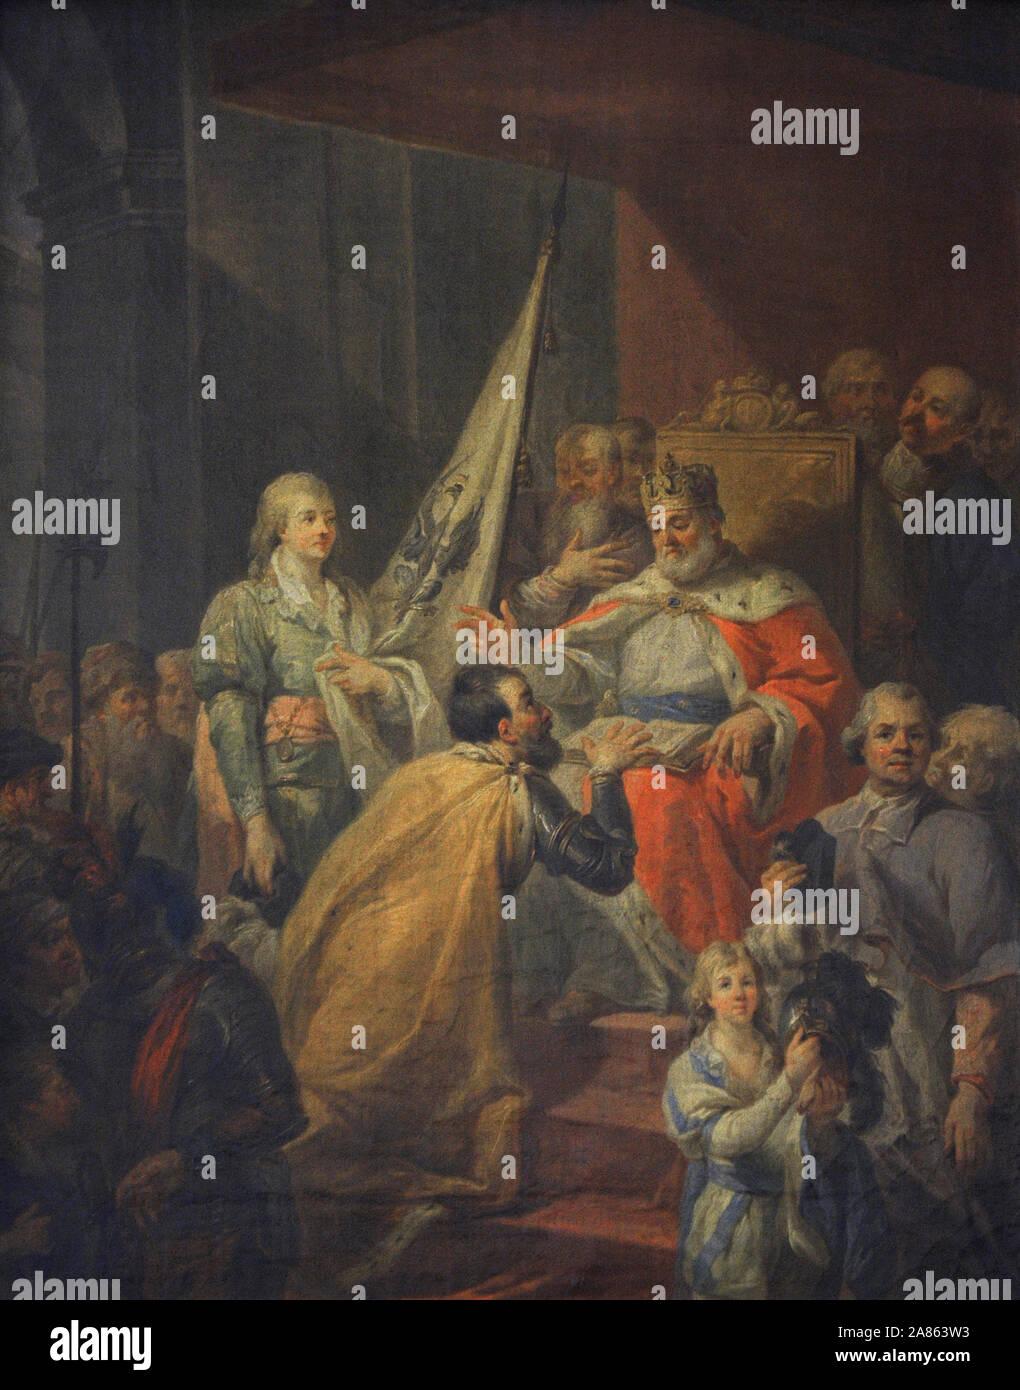 Marcello Bacciarelli (1731-1818). Pittore italiano. Il prussiano omaggio, 1796. Olio su tela. Xix secolo il polacco galleria d'Arte (Museo Sukiennice). Museo Nazionale di Cracovia. La Polonia. Foto Stock